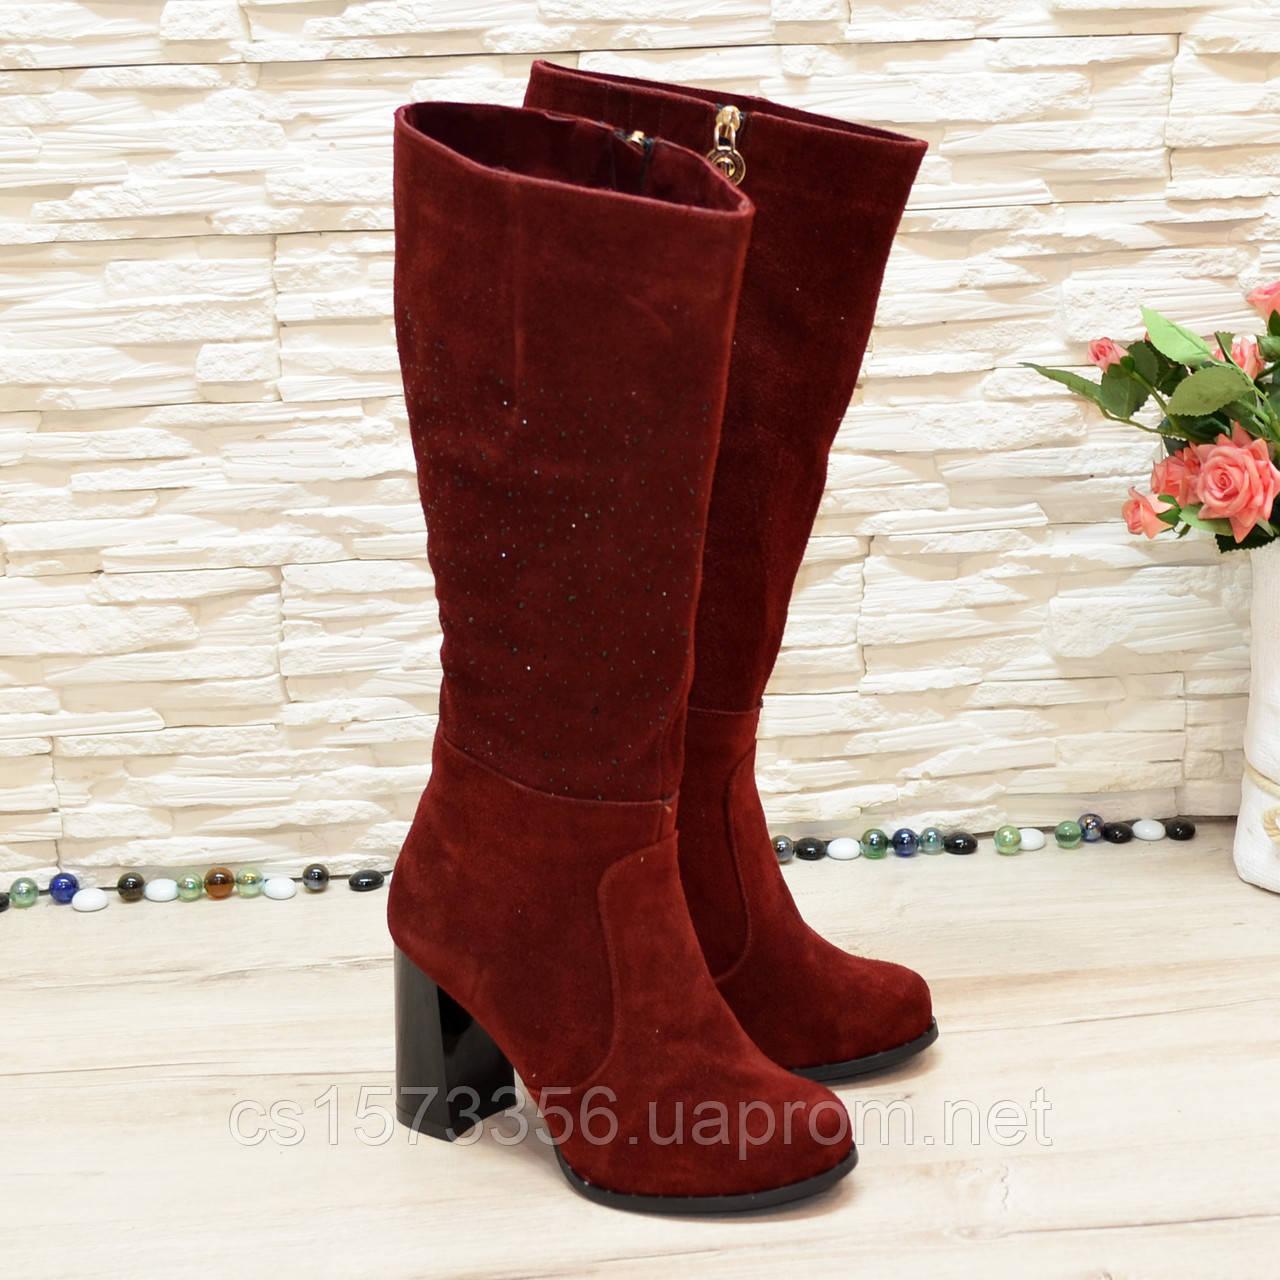 Сапоги демисезонные замшевые бордового цвета на высоком каблуке, декорированы накаткой камней